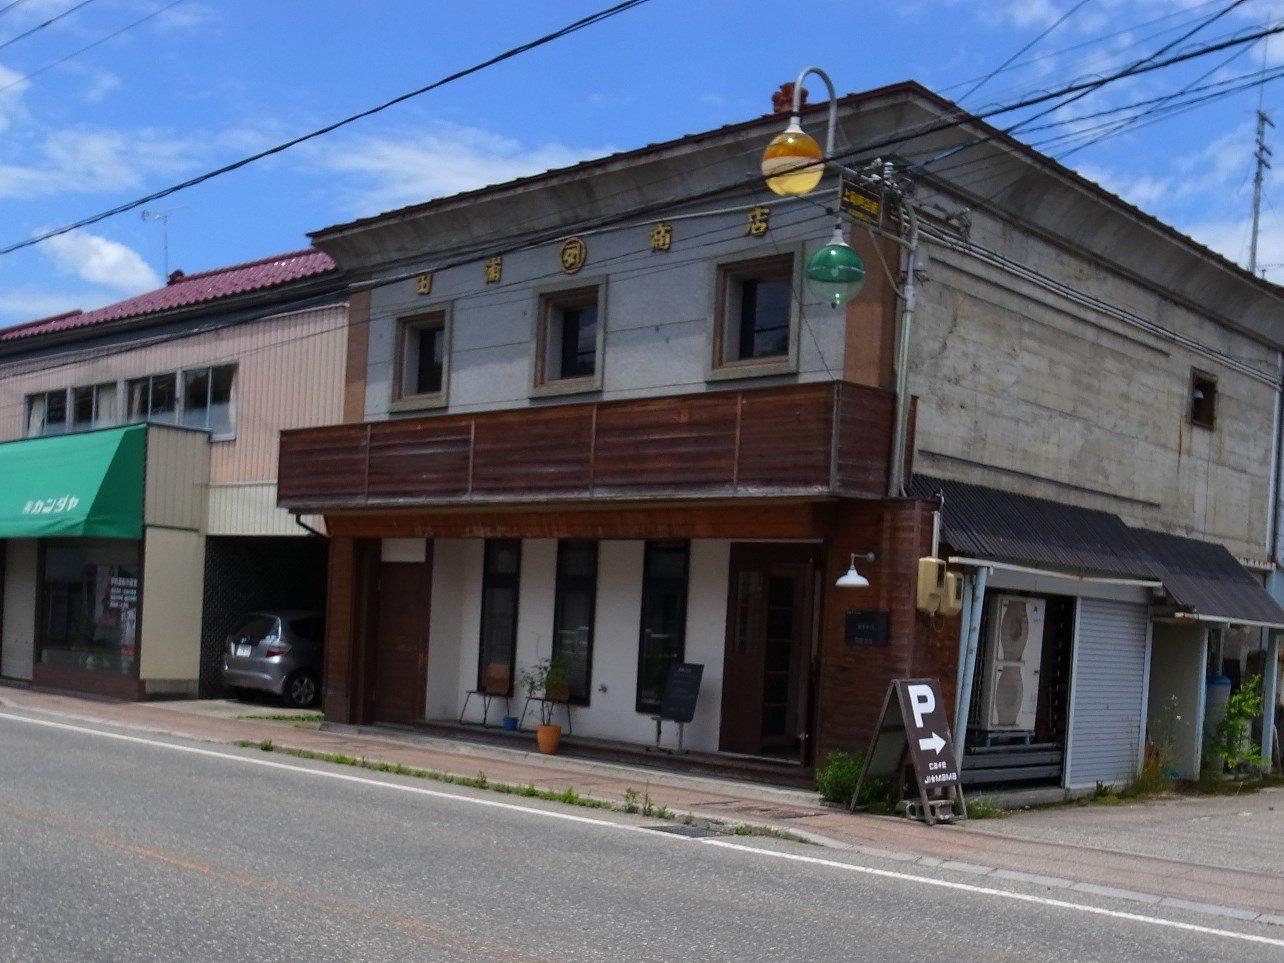 会津田島のお洒落なカフェ cafe ji-mama(カフェ ジーママ)